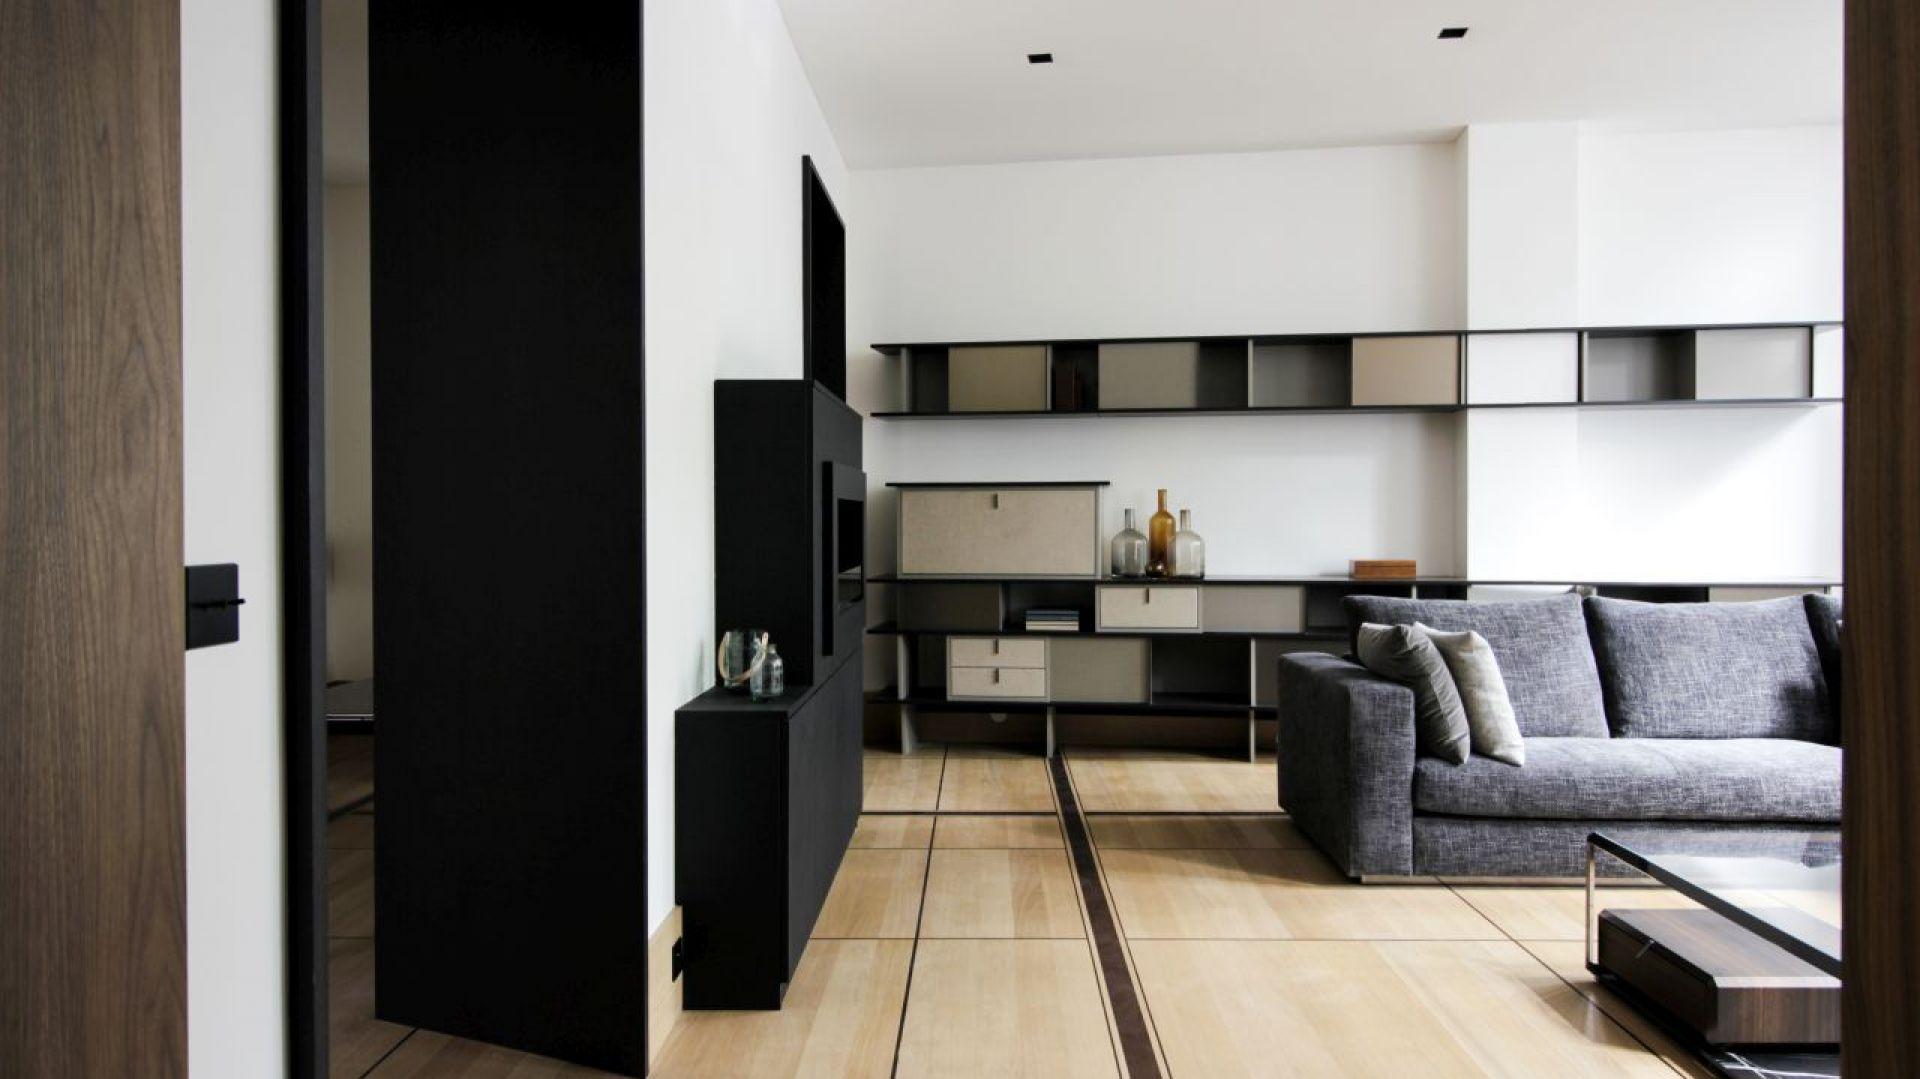 Architekci ze studia Atelier Aurélie Rimbert pracowali nad projektem renowacji tego historycznego apartamentu